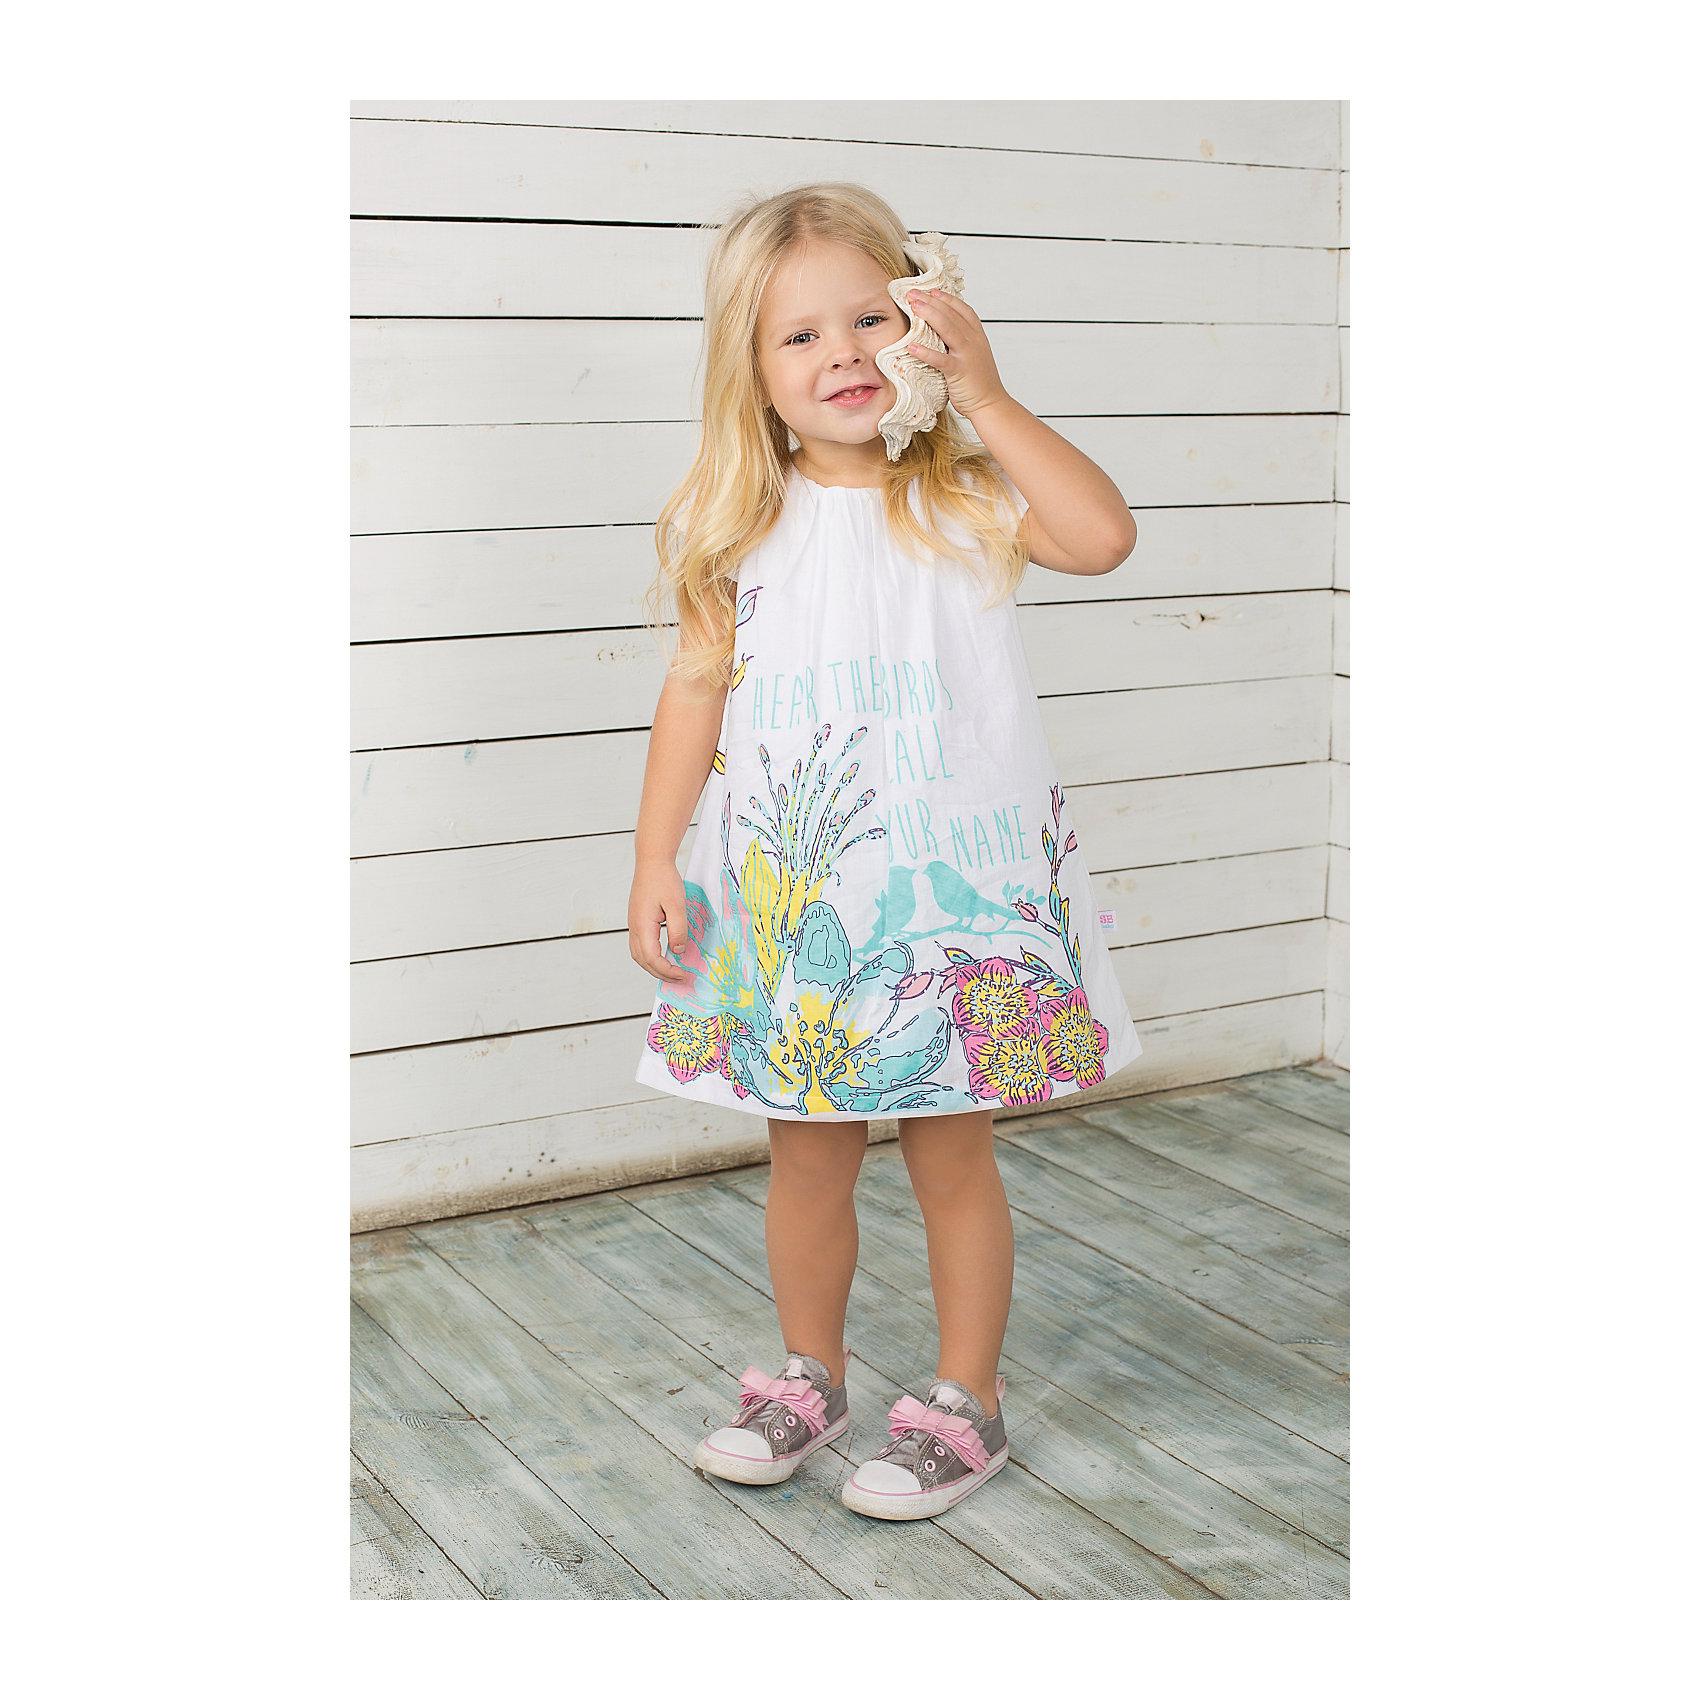 Платье для девочки Sweet BerryПлатье на девочку из тонкого поплина, декорирована складочками по горловине и цветочным принтом с глиттером.<br>Состав:<br>100% хлопок<br><br>Ширина мм: 236<br>Глубина мм: 16<br>Высота мм: 184<br>Вес г: 177<br>Цвет: белый<br>Возраст от месяцев: 9<br>Возраст до месяцев: 12<br>Пол: Женский<br>Возраст: Детский<br>Размер: 80,92,86,98<br>SKU: 4520445